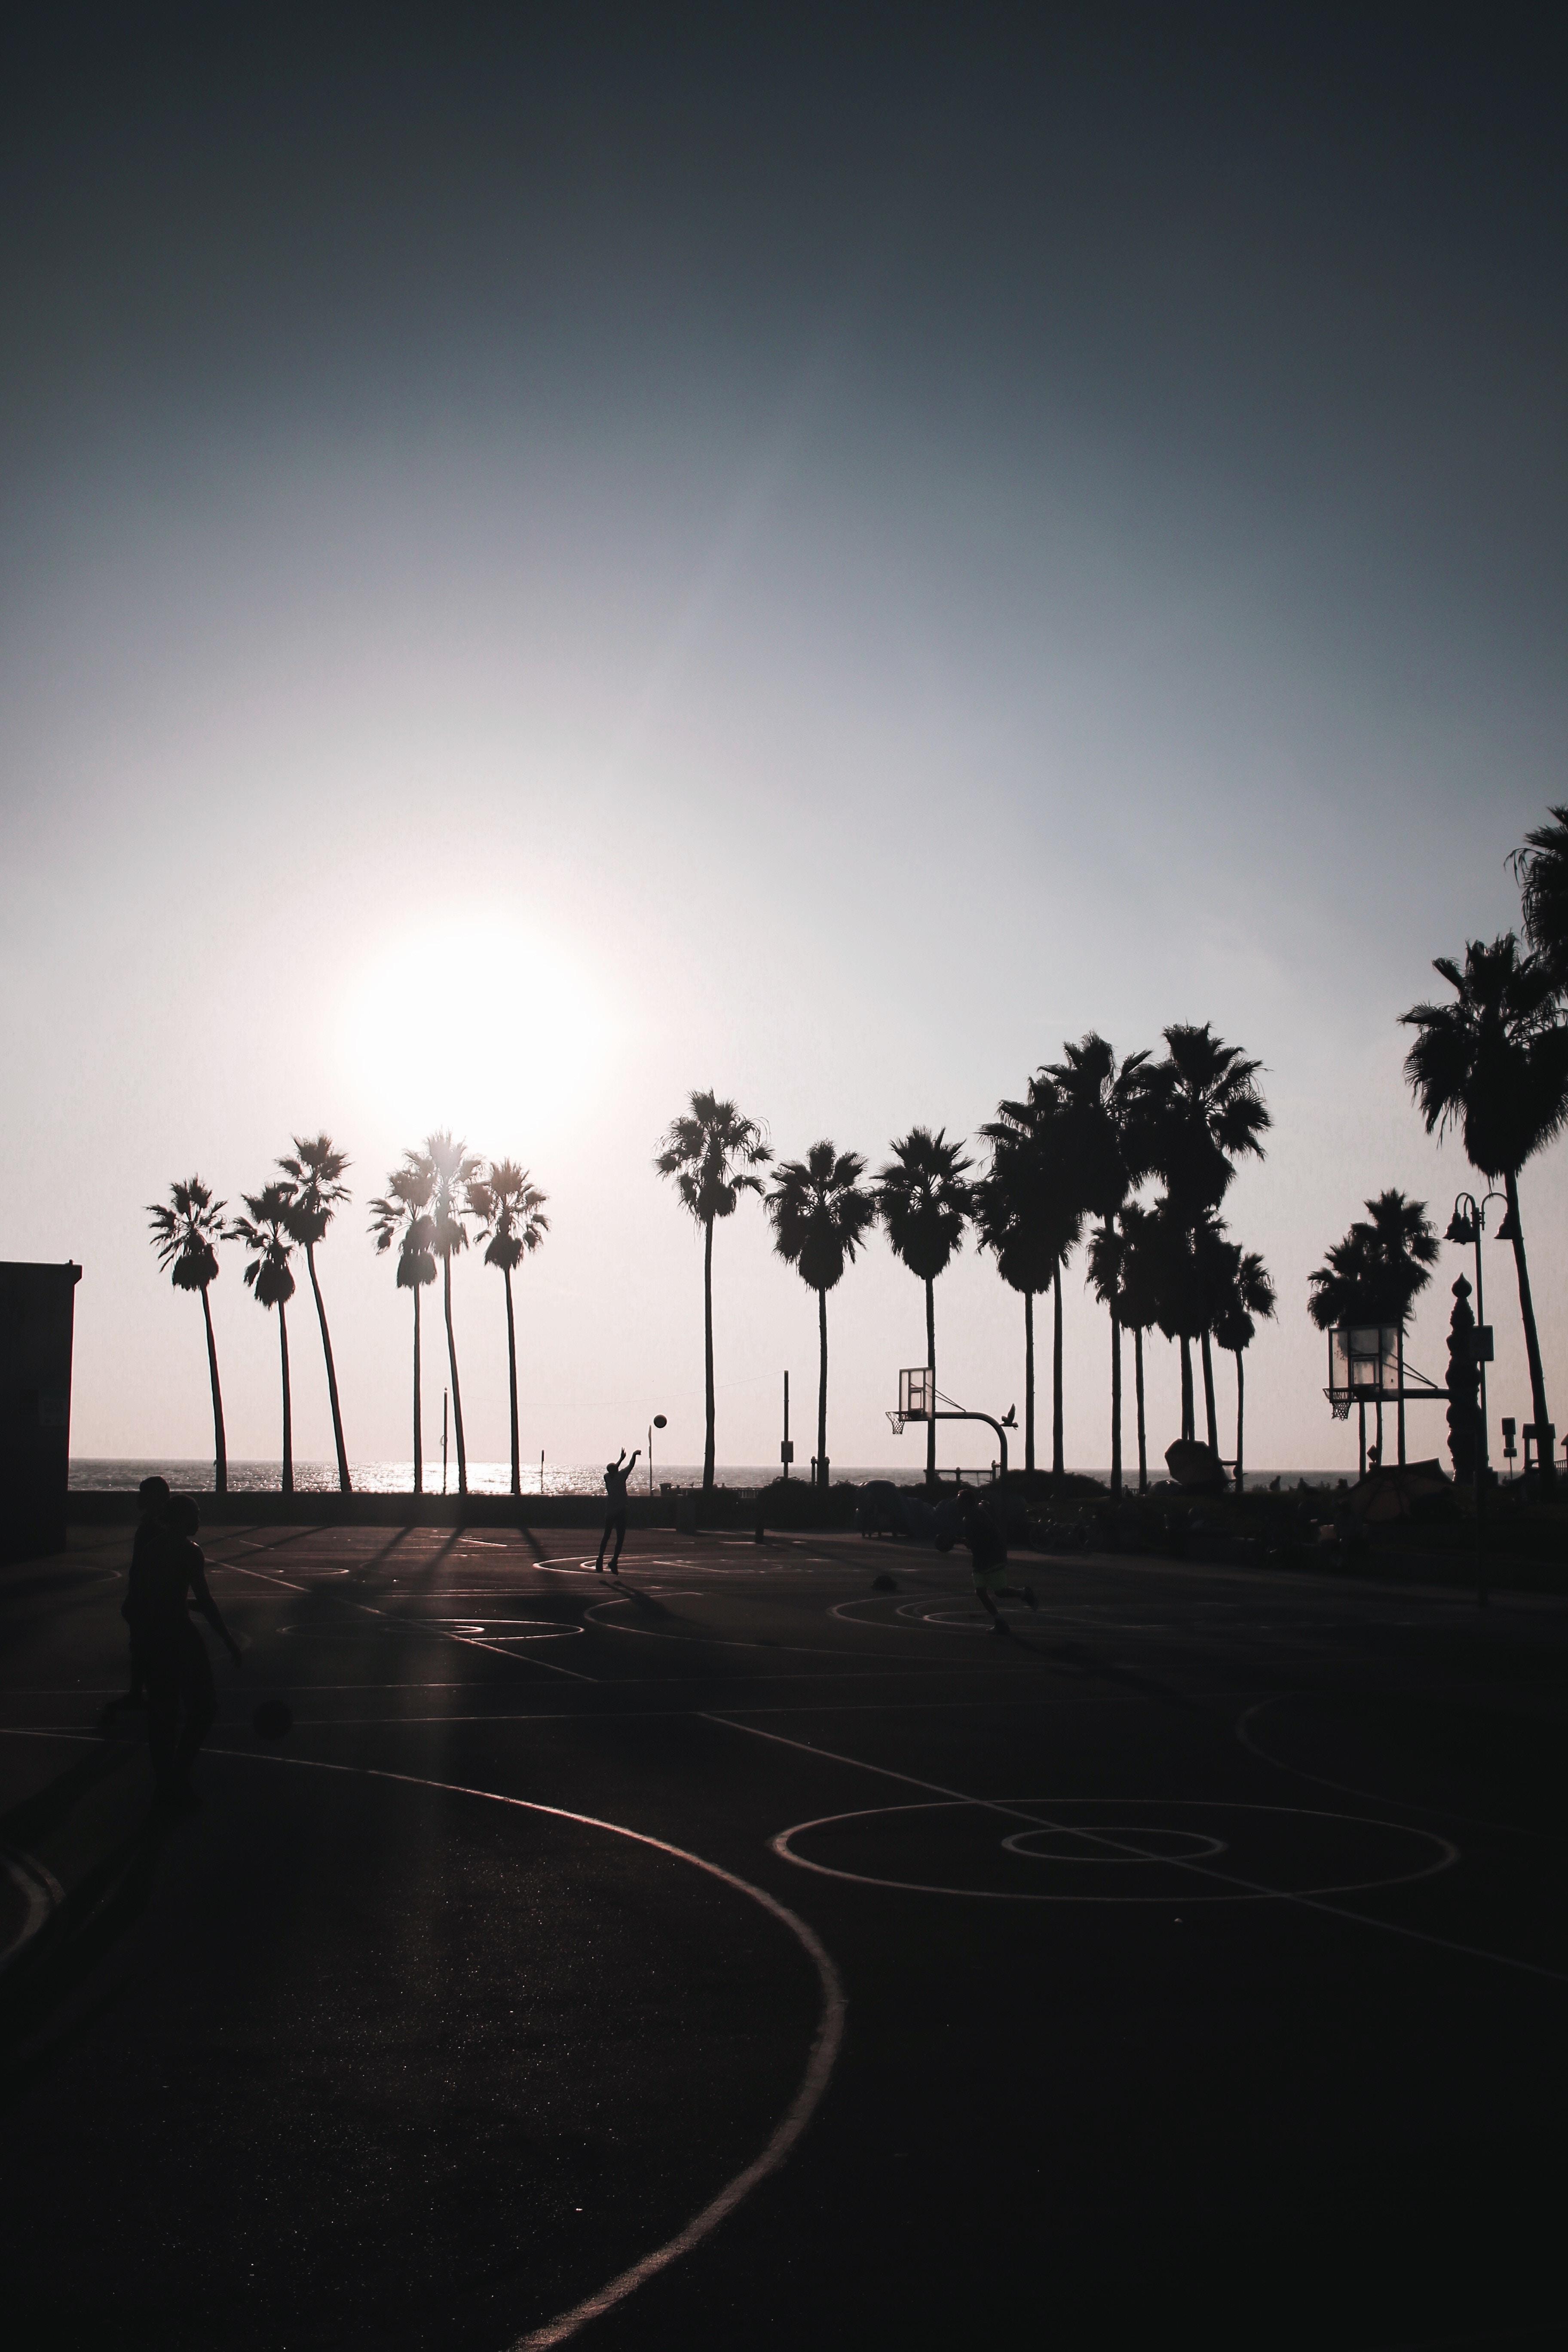 139756 Заставки и Обои Спорт на телефон. Скачать Баскетбол, Спорт, Солнце, Пальмы, Площадка, Силуэты, Темный картинки бесплатно